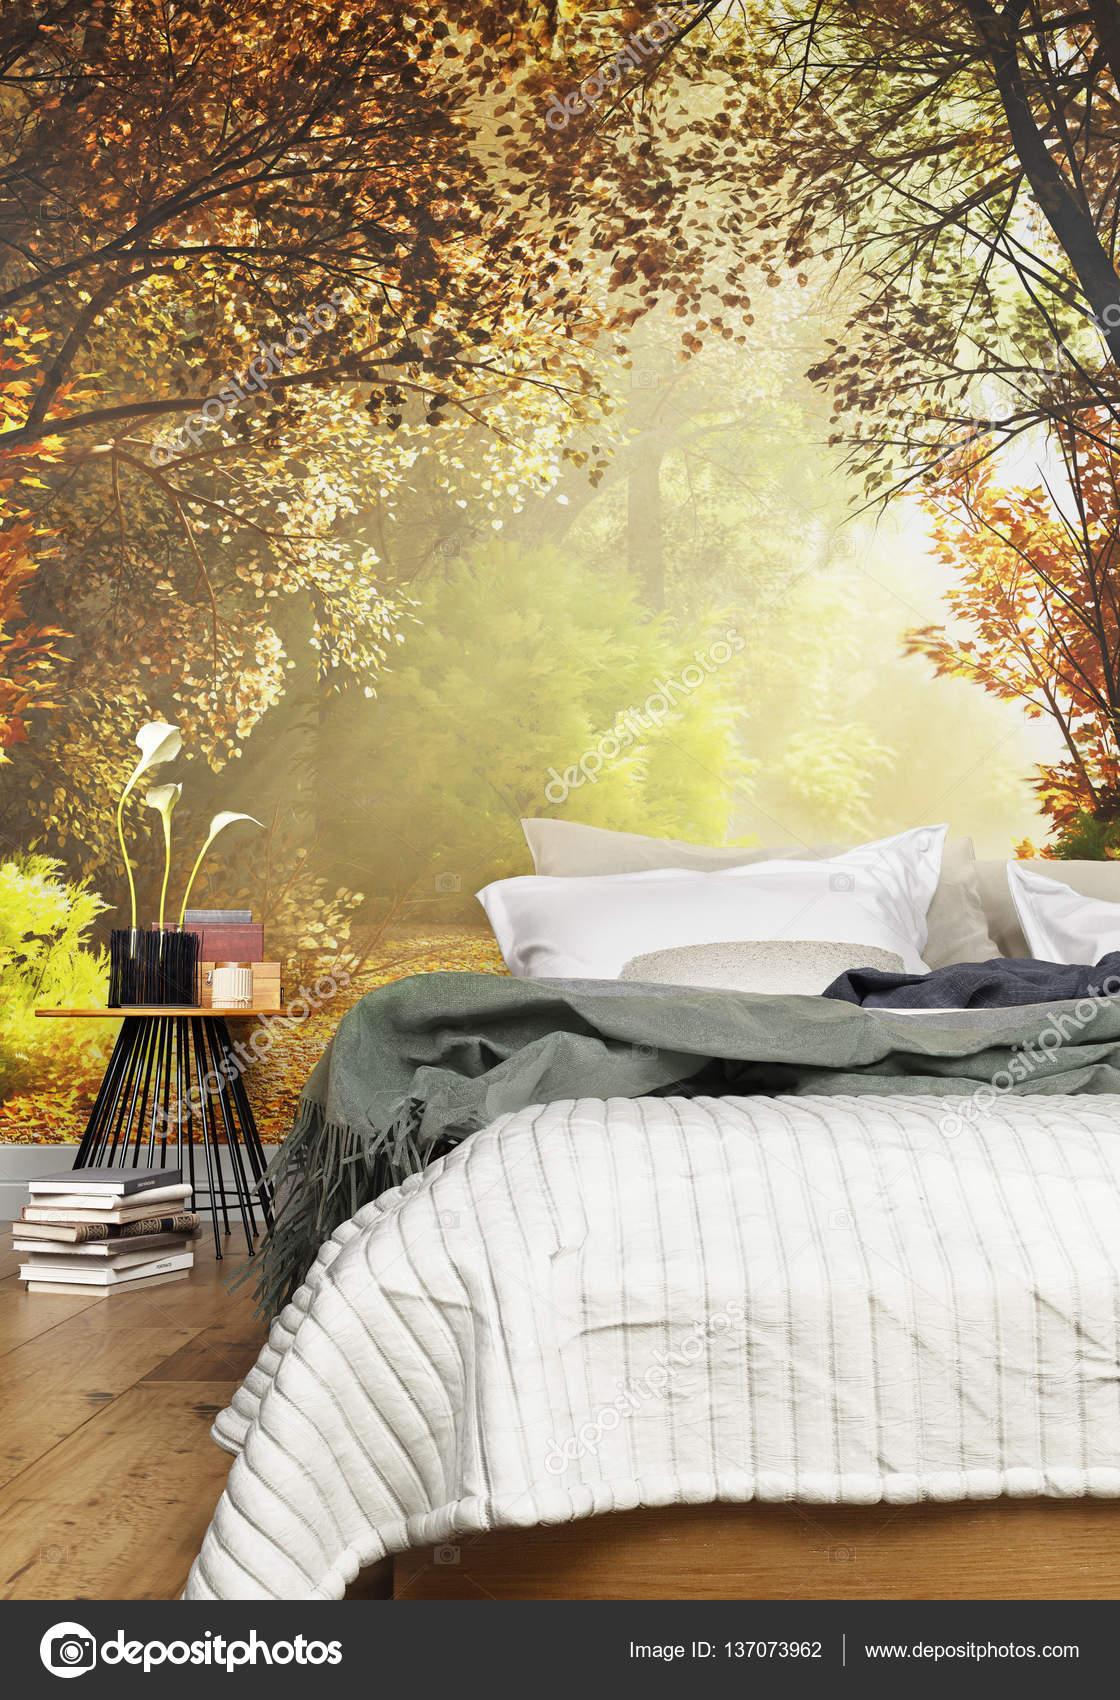 interieur van een gezellige rustieke slaapkamer met een land natuur muur muurschildering achtergrond stockfoto